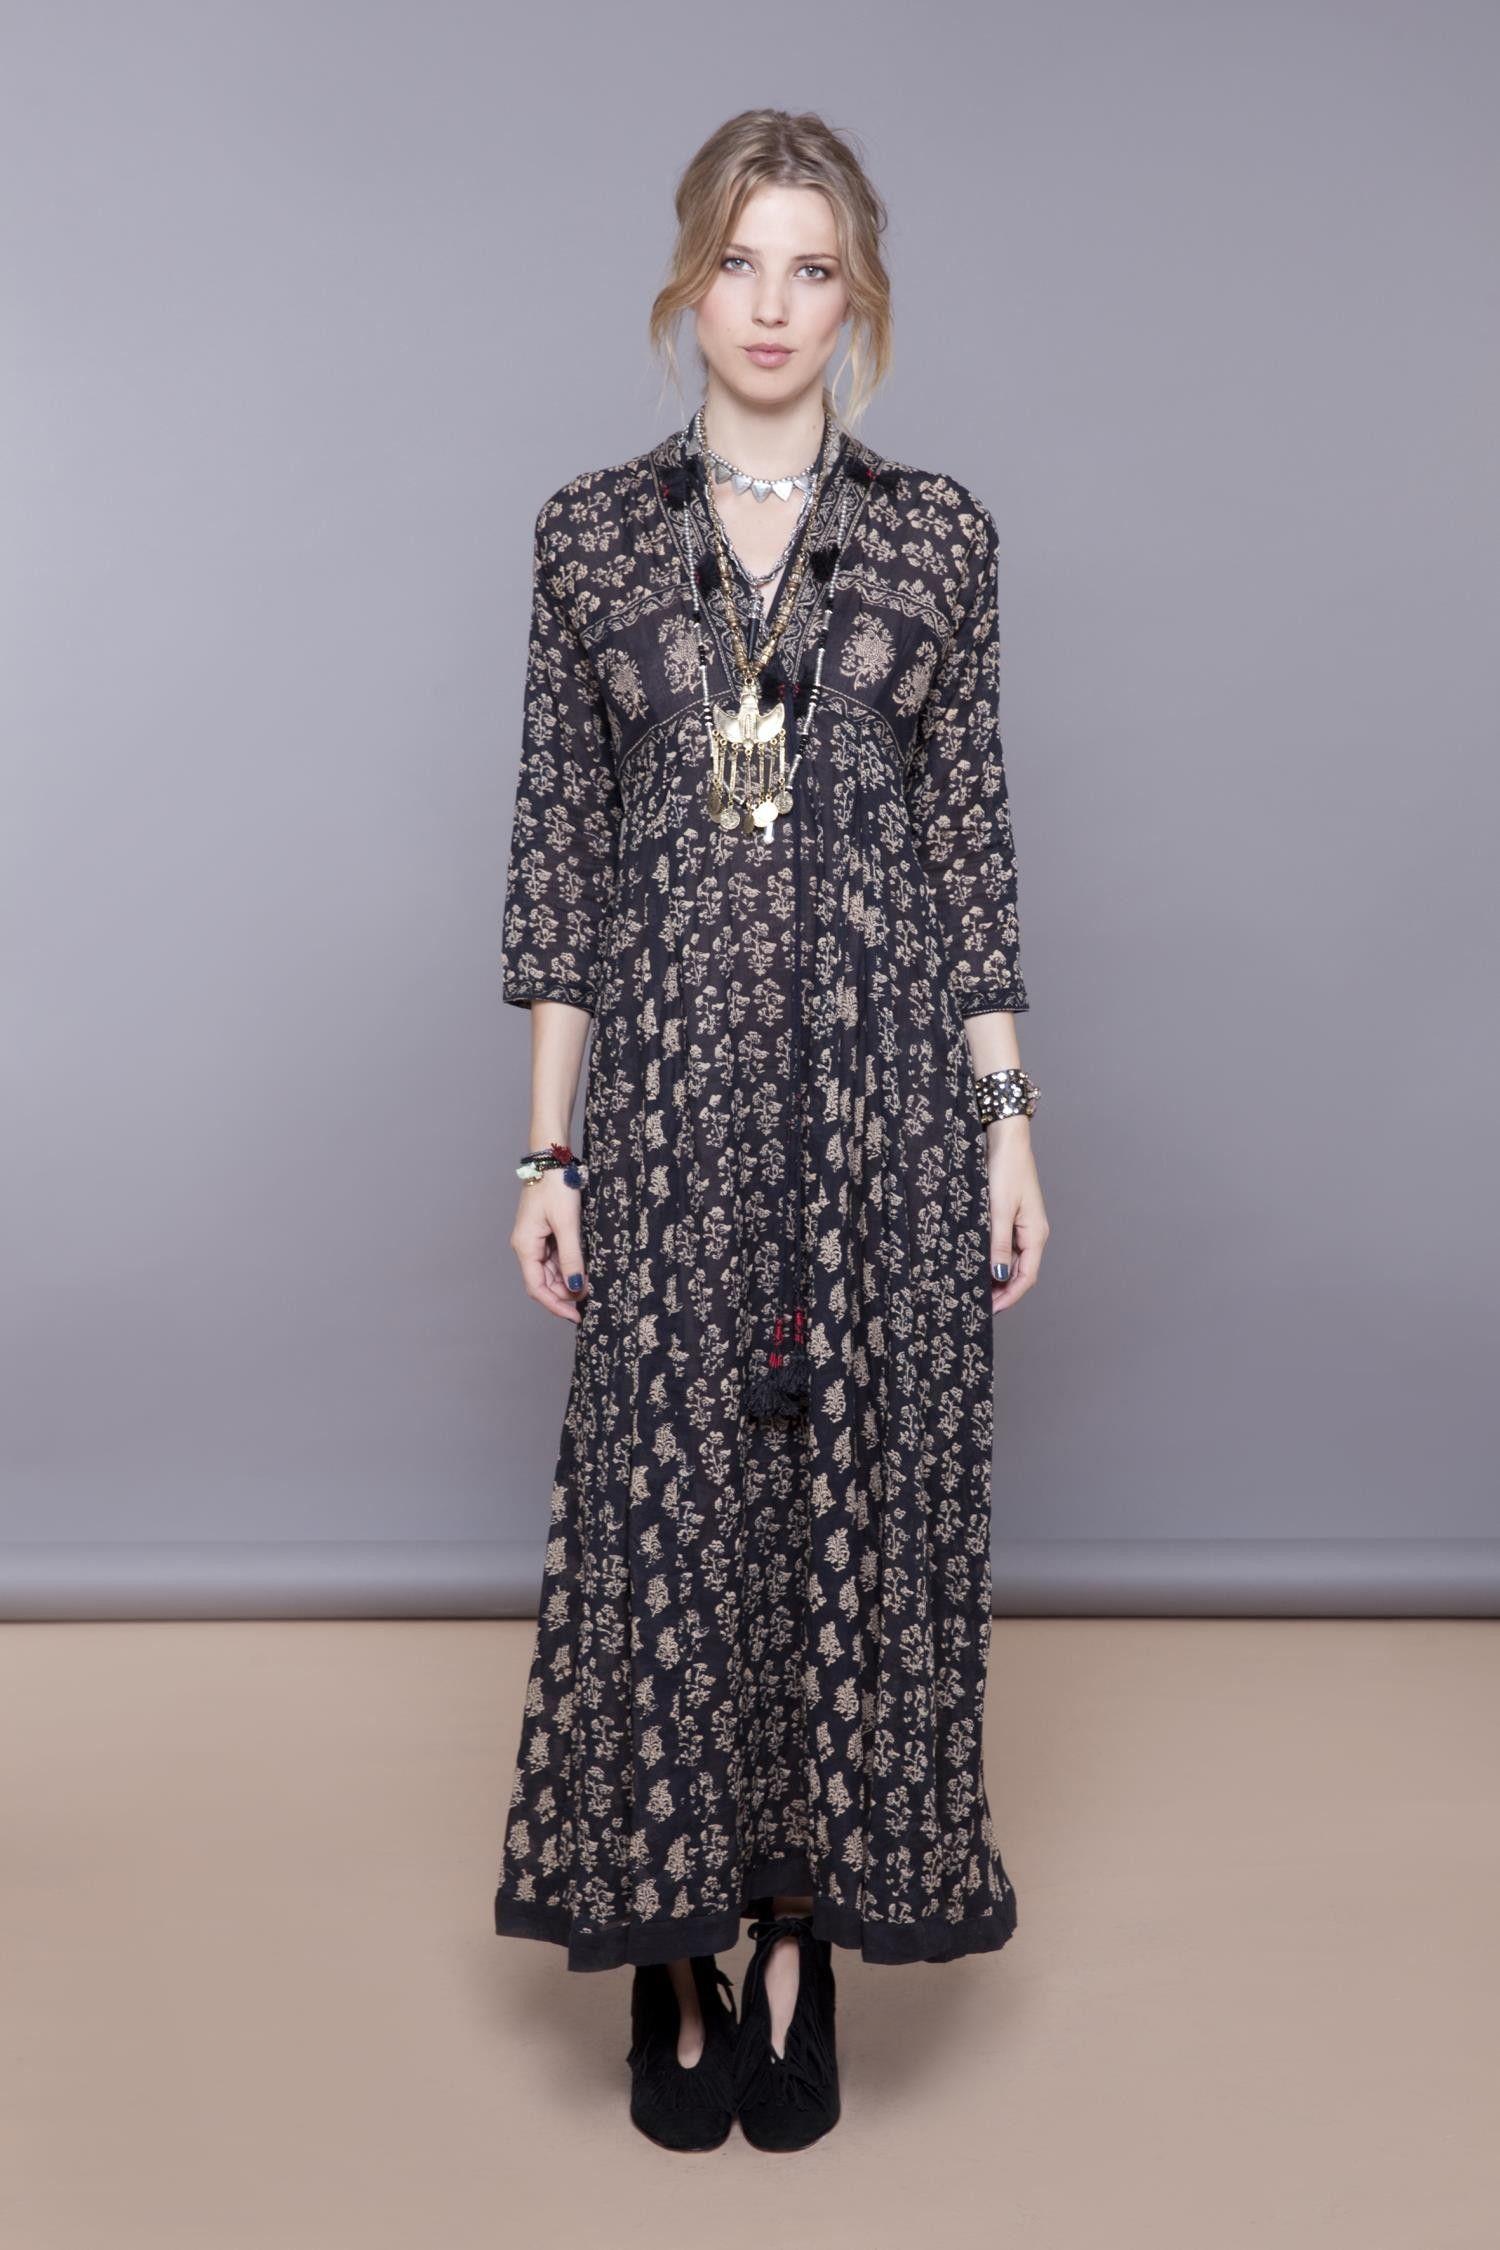 Vestido negro rapsodia 2019